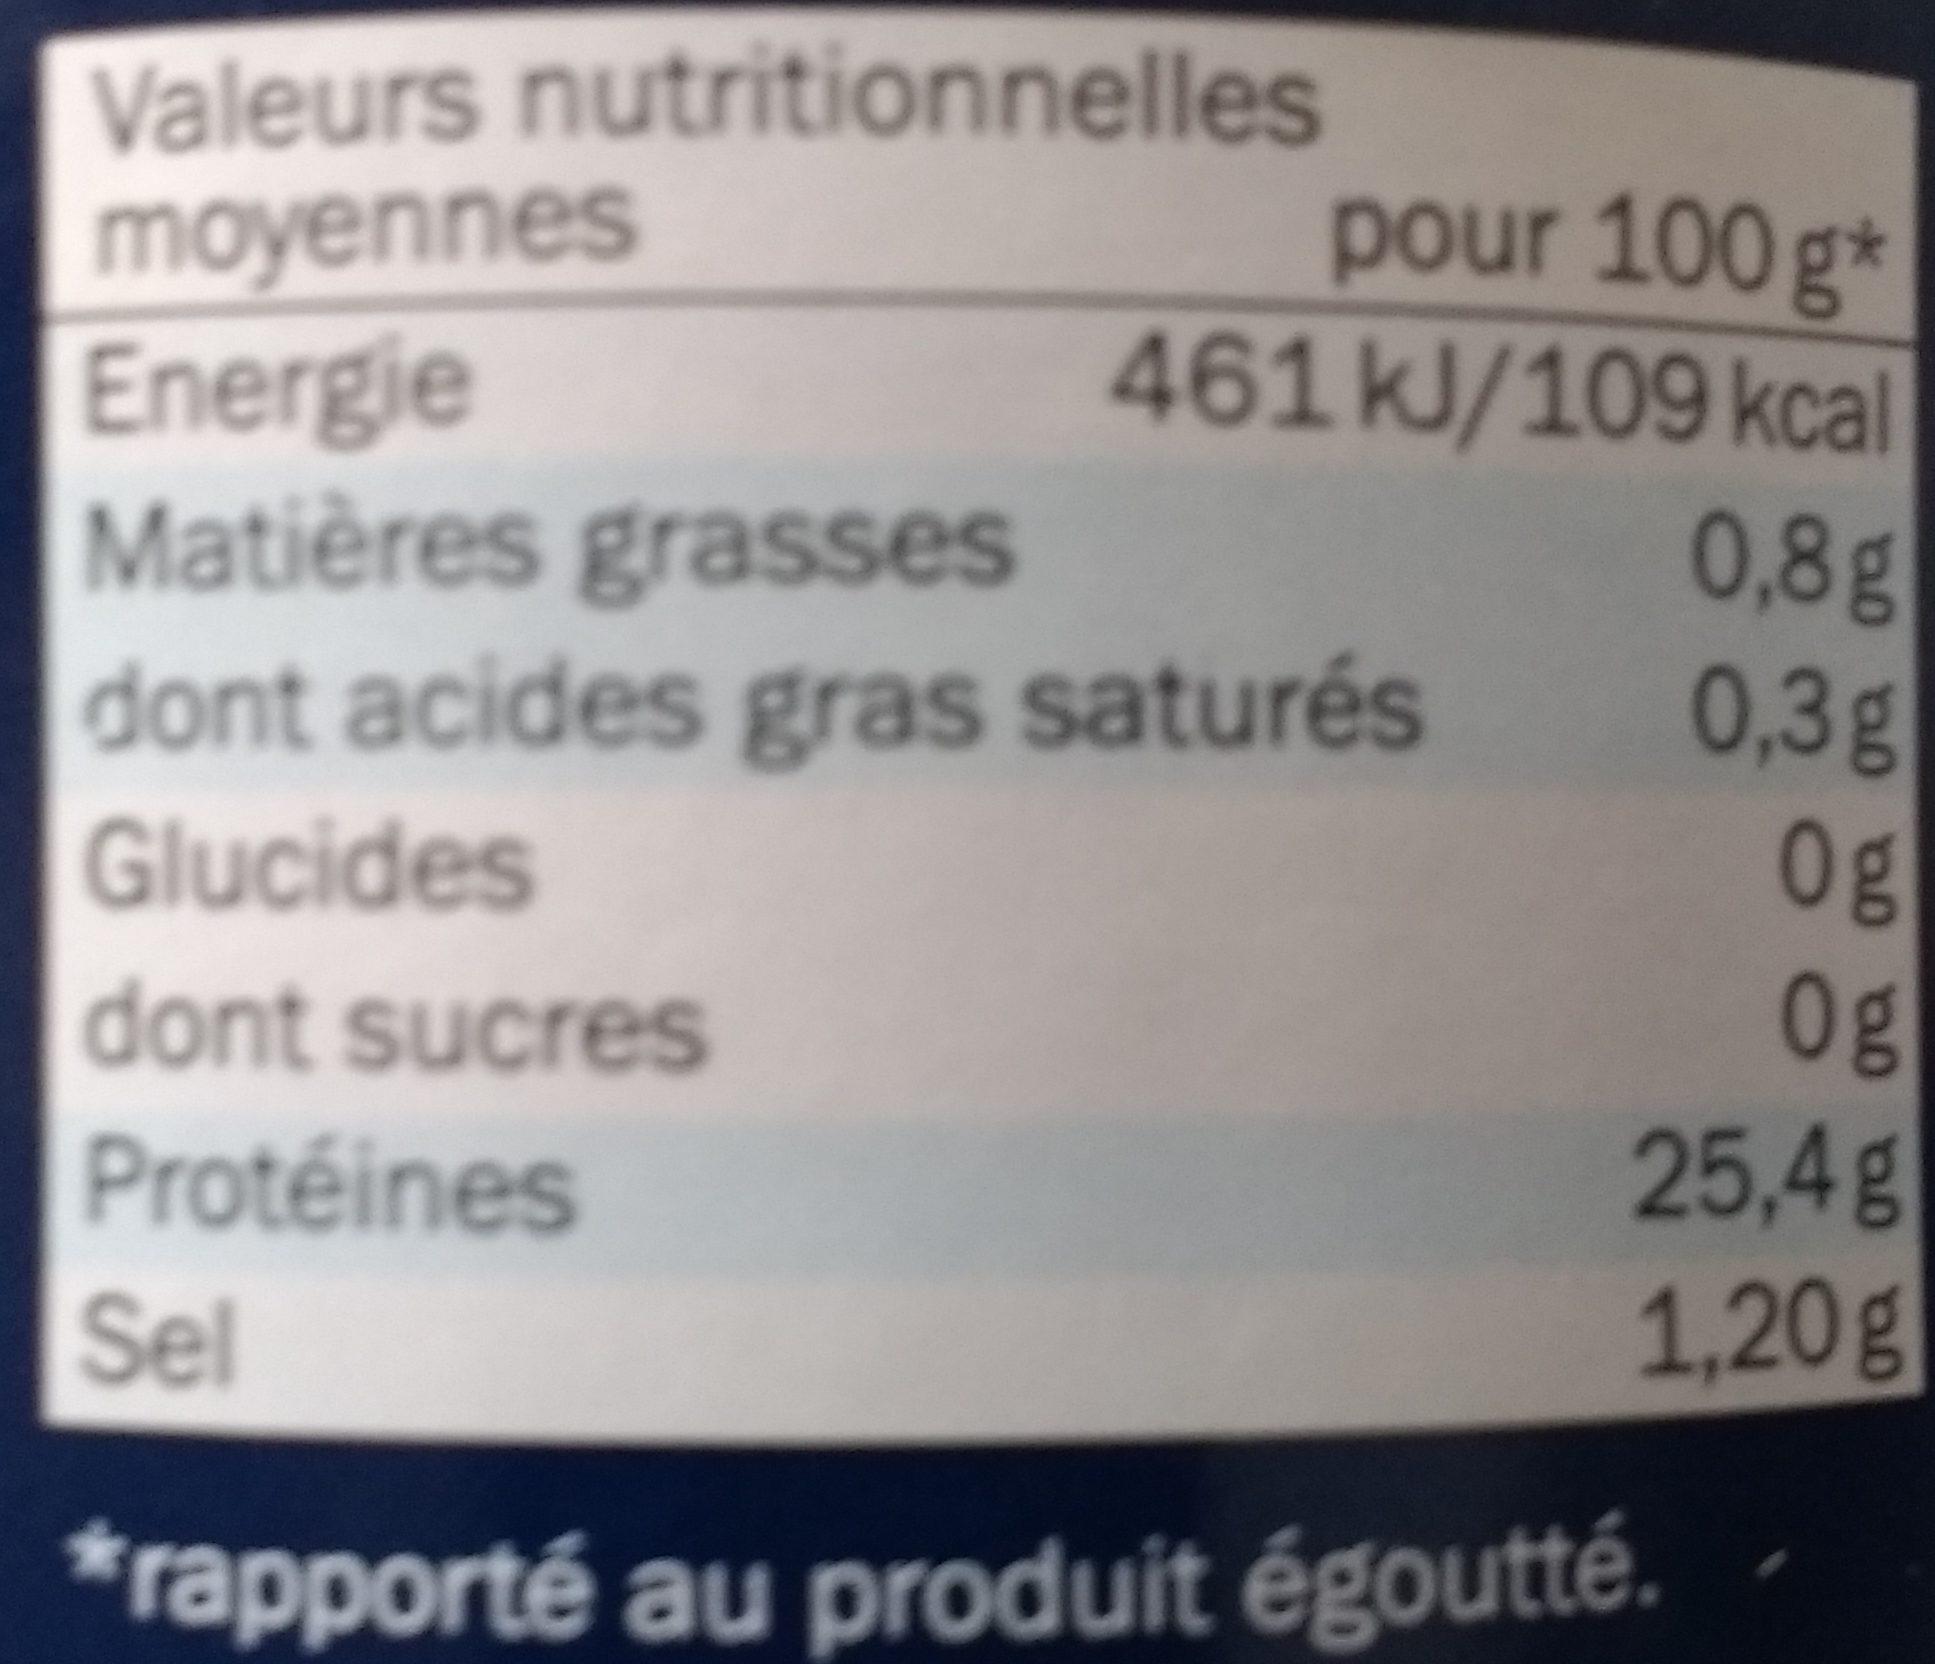 Filet de thon au naturel - Informations nutritionnelles - fr